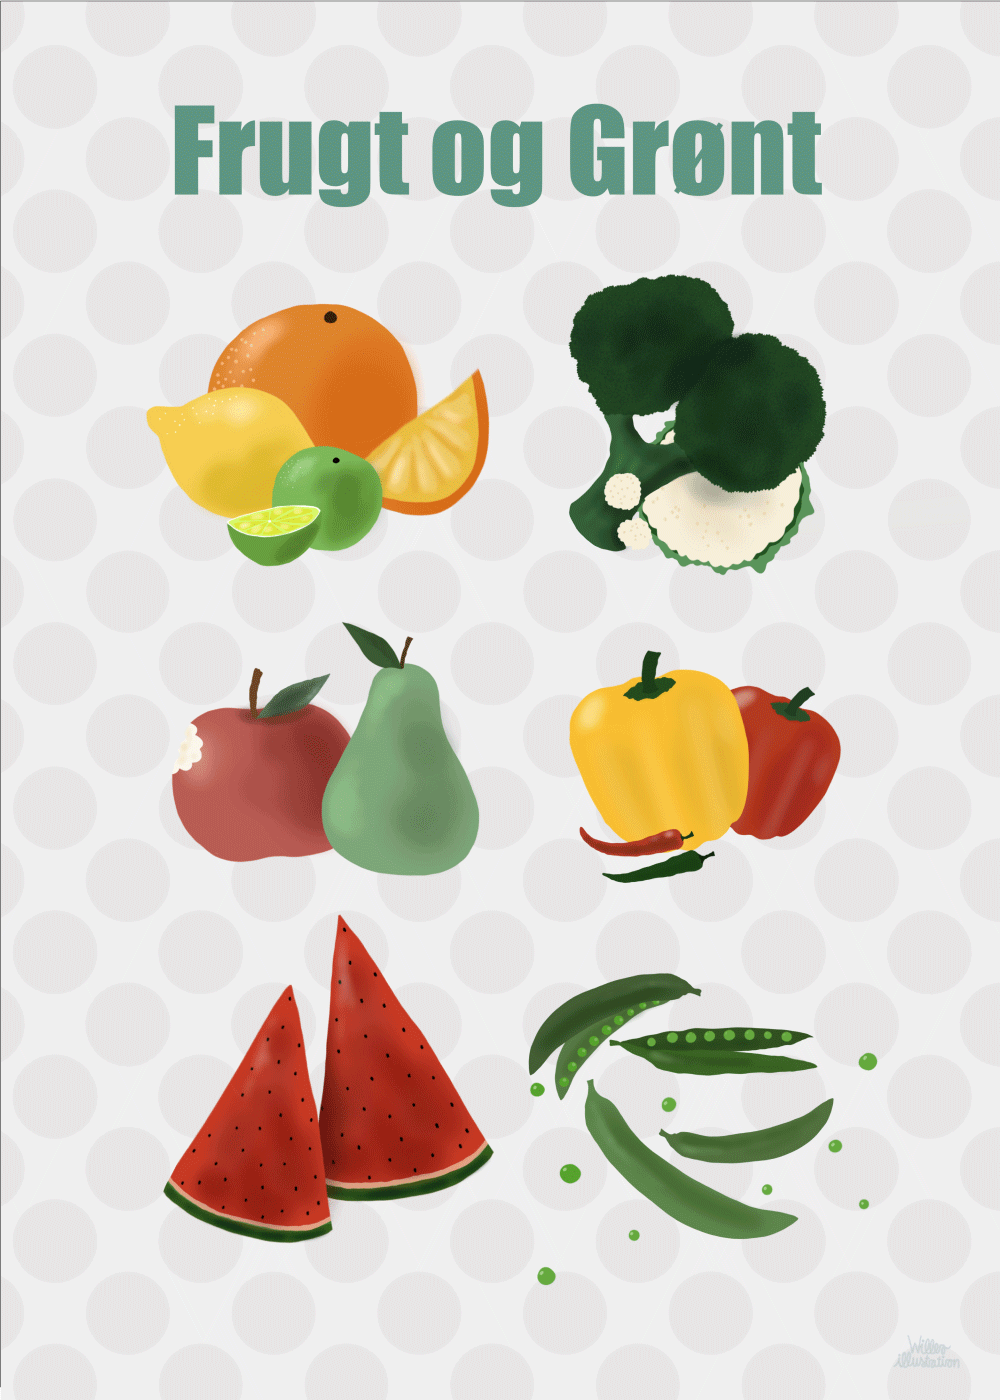 Frugt og grønt - Børneplakat